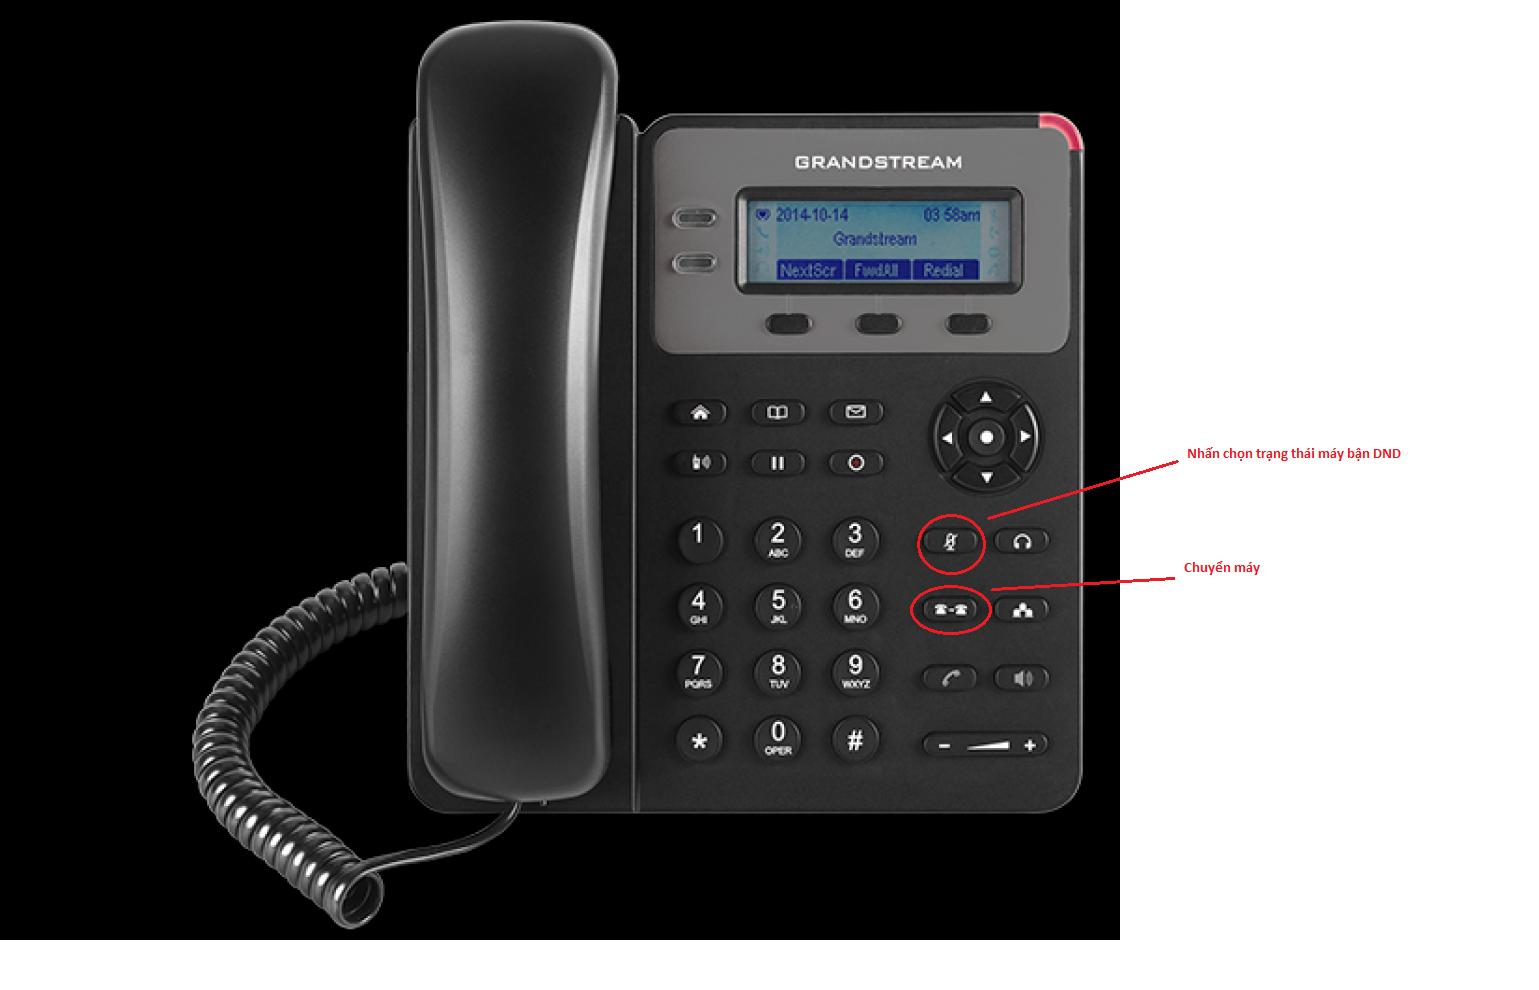 cách đổi tiếng chuông điện thoại bàn